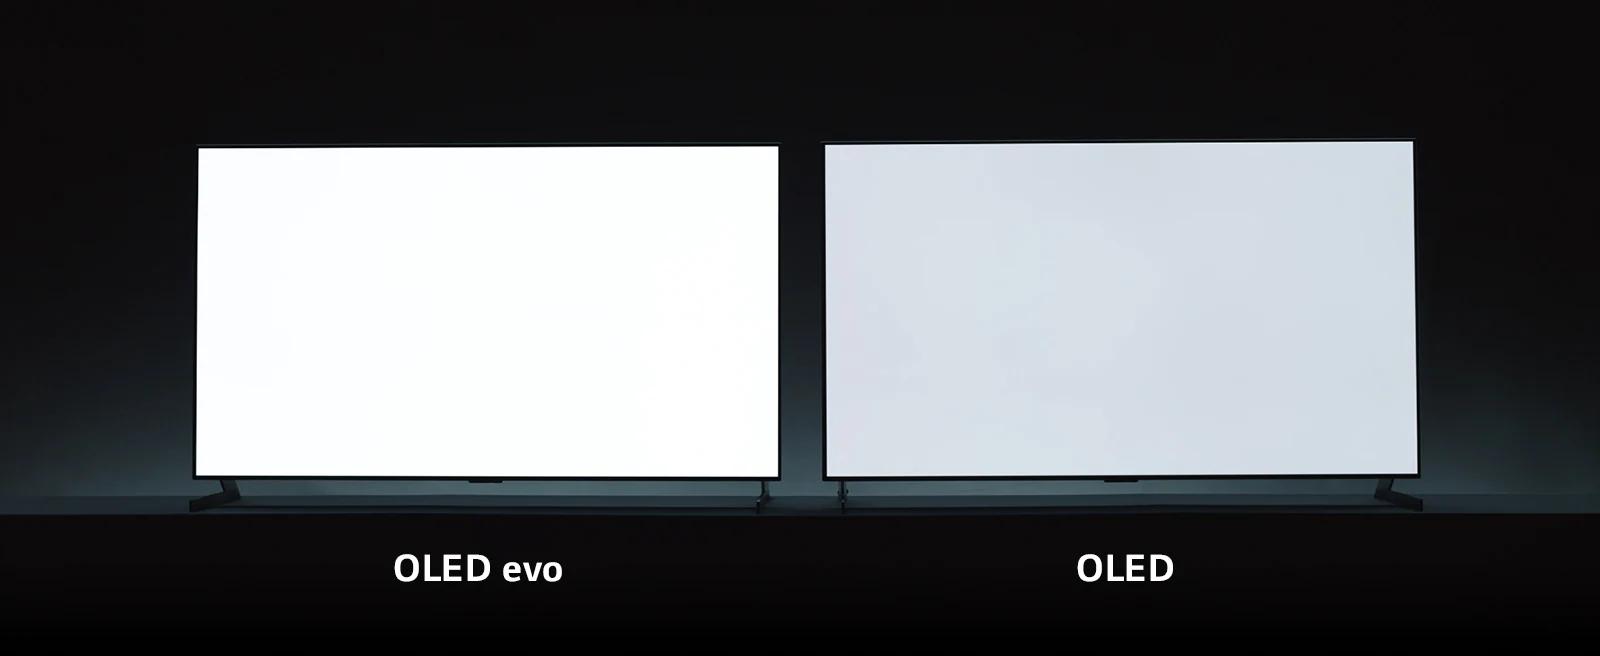 """Thử trò chơi Play trên LG G1: Hóa ra TV OLED Evo mới là màn hình trò chơi """"xịn sò"""" nhất - VnReview 2020 1"""